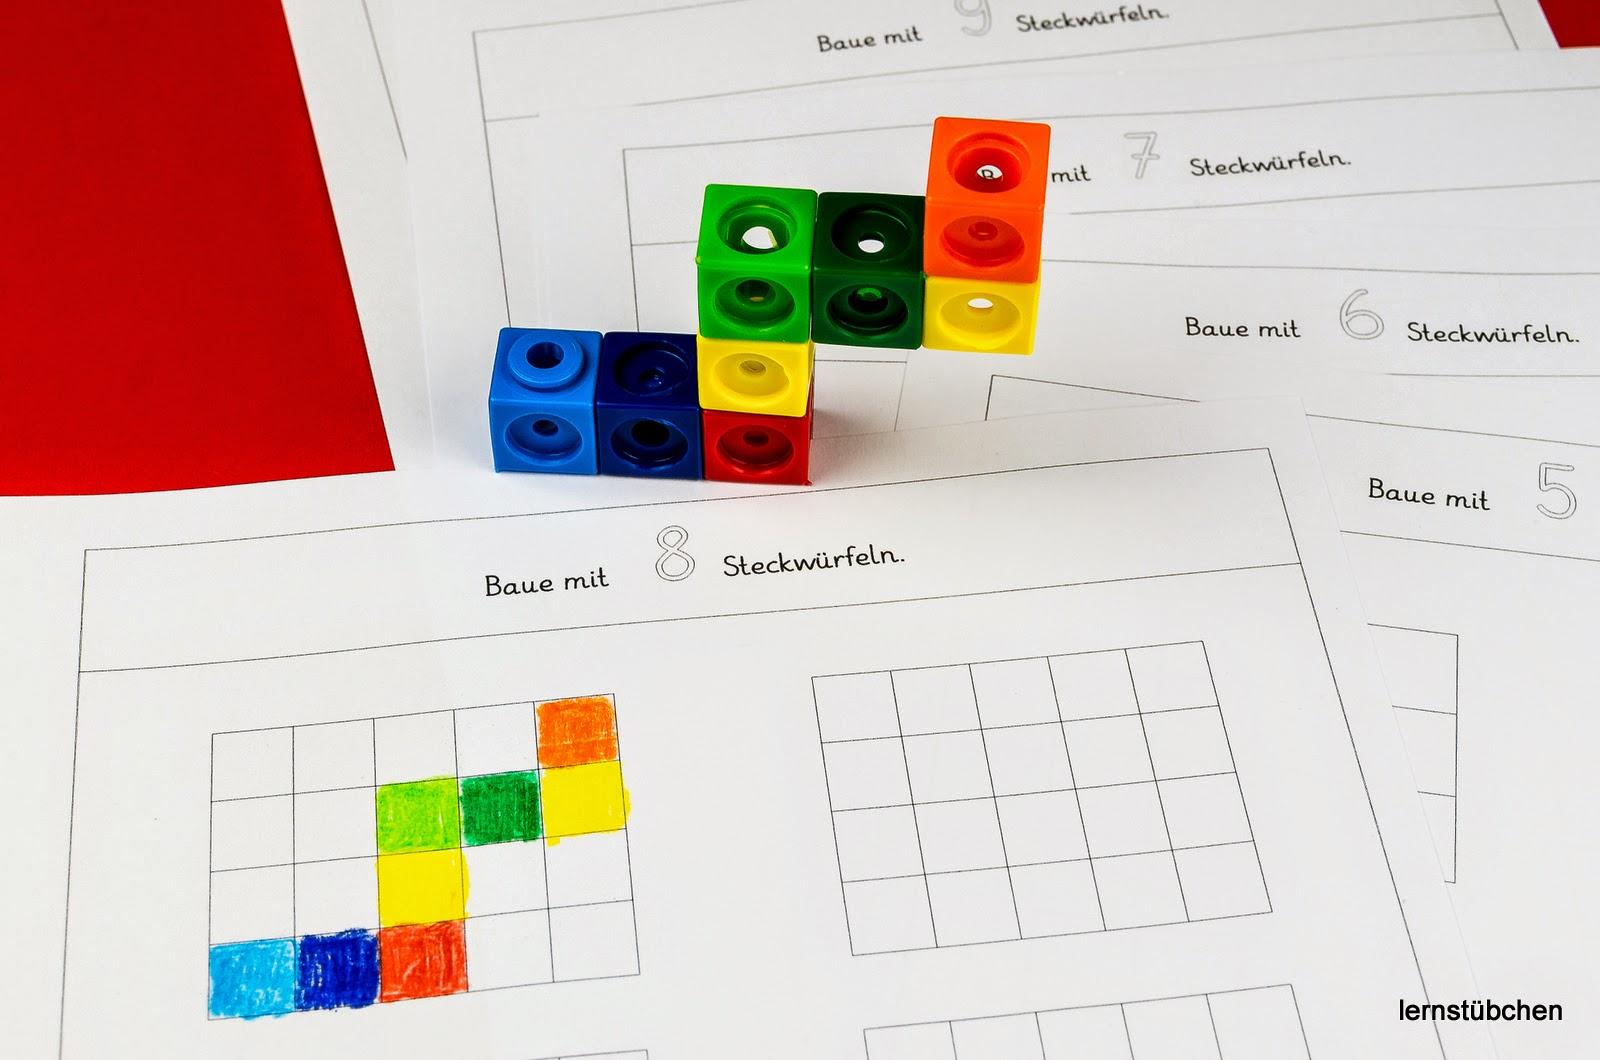 Lernstübchen: bauen mit Steckwürfeln